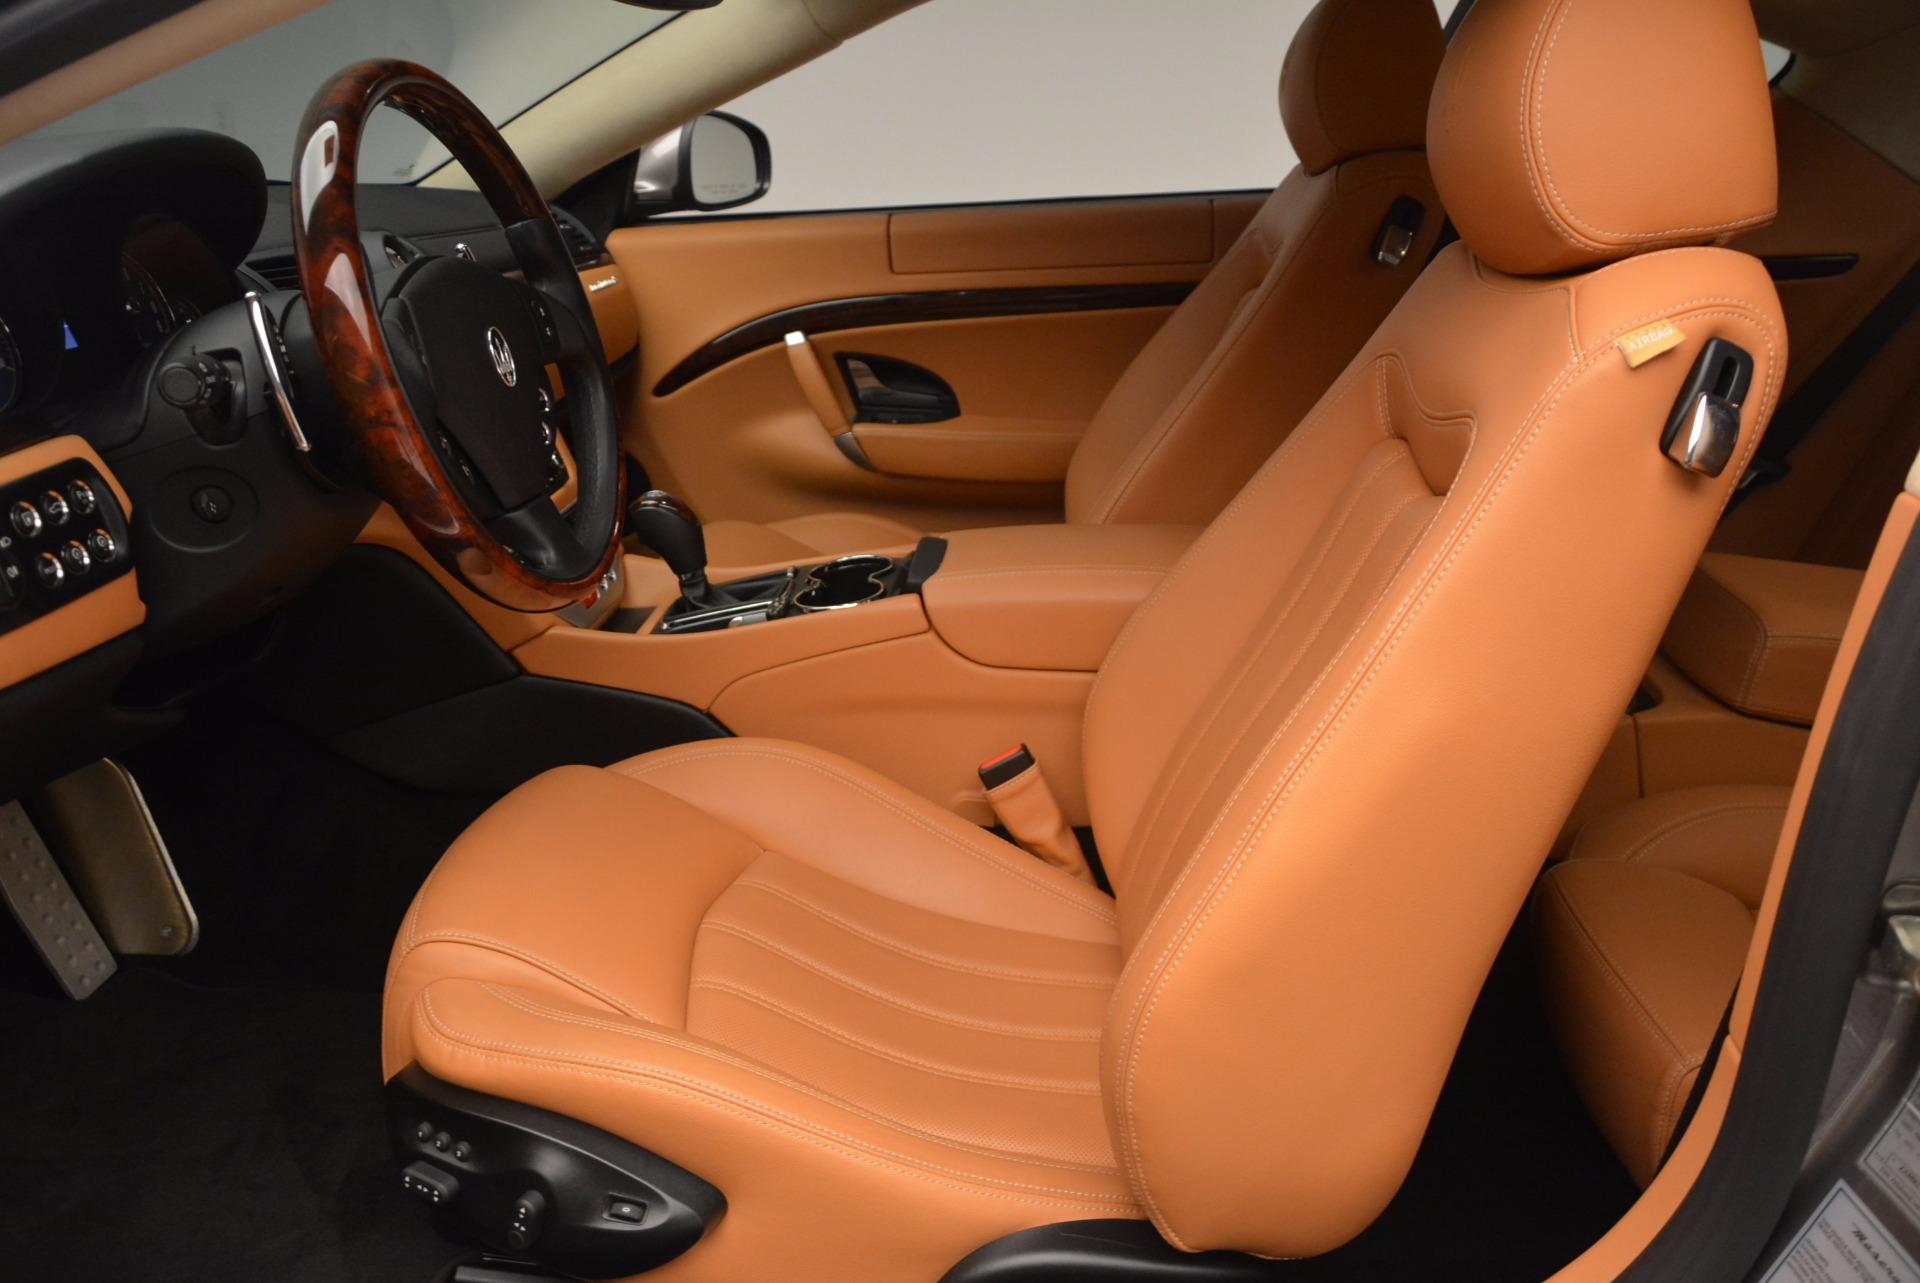 Used 2009 Maserati GranTurismo S For Sale In Greenwich, CT 1063_p14